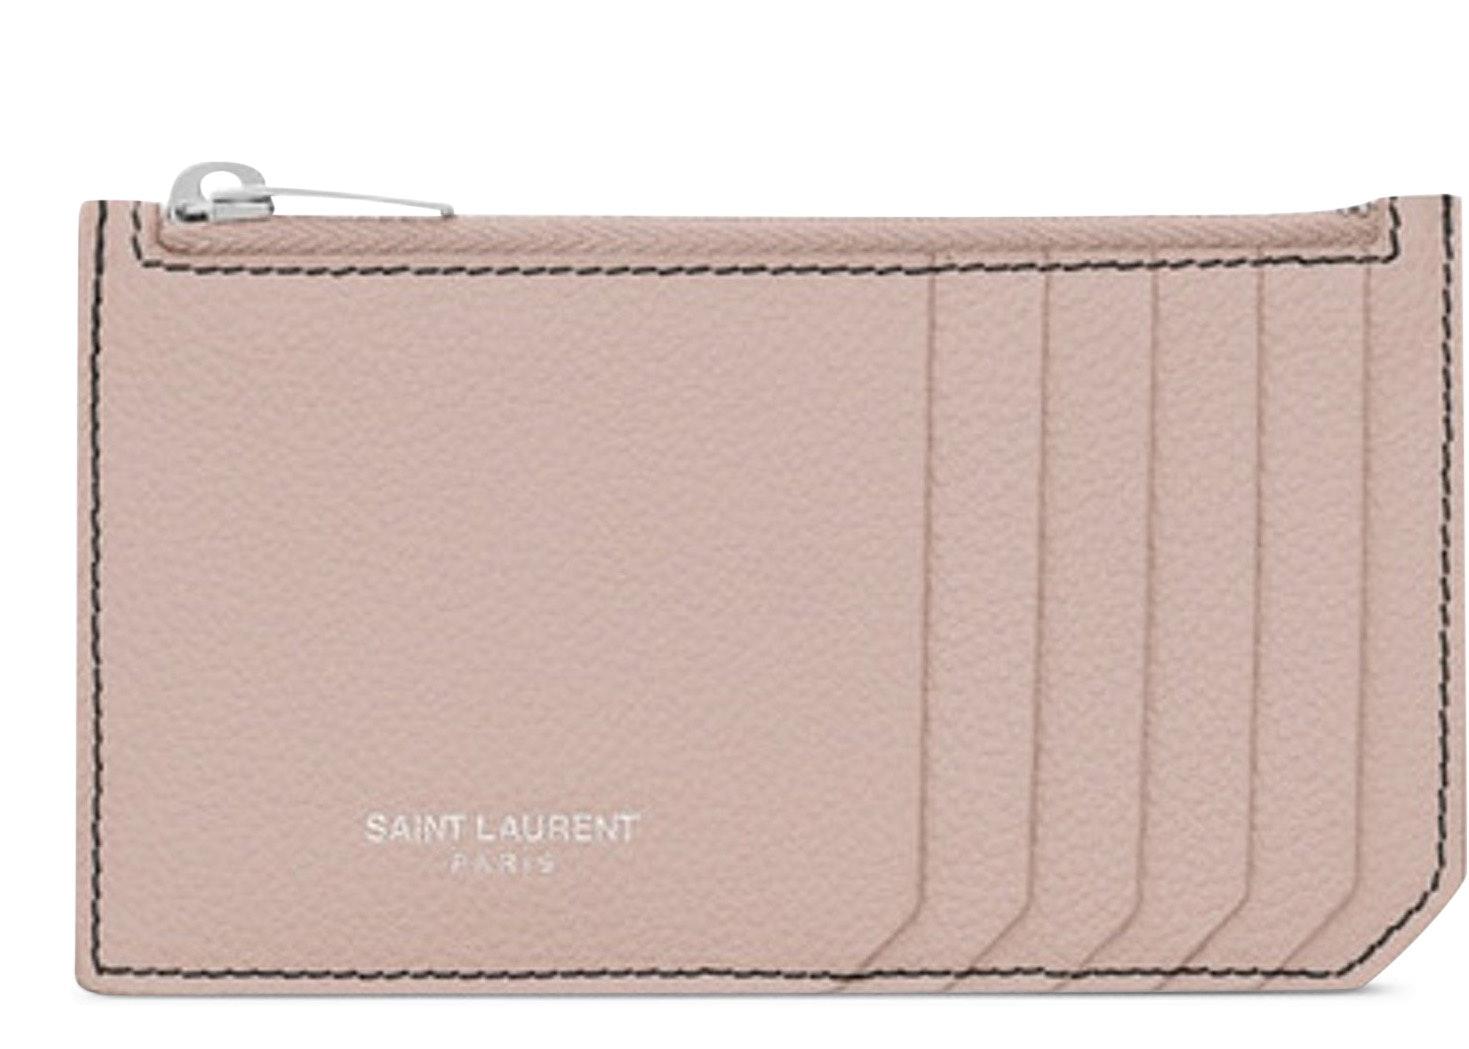 Saint Laurent 5 Fragments Pouch Card Case Pink